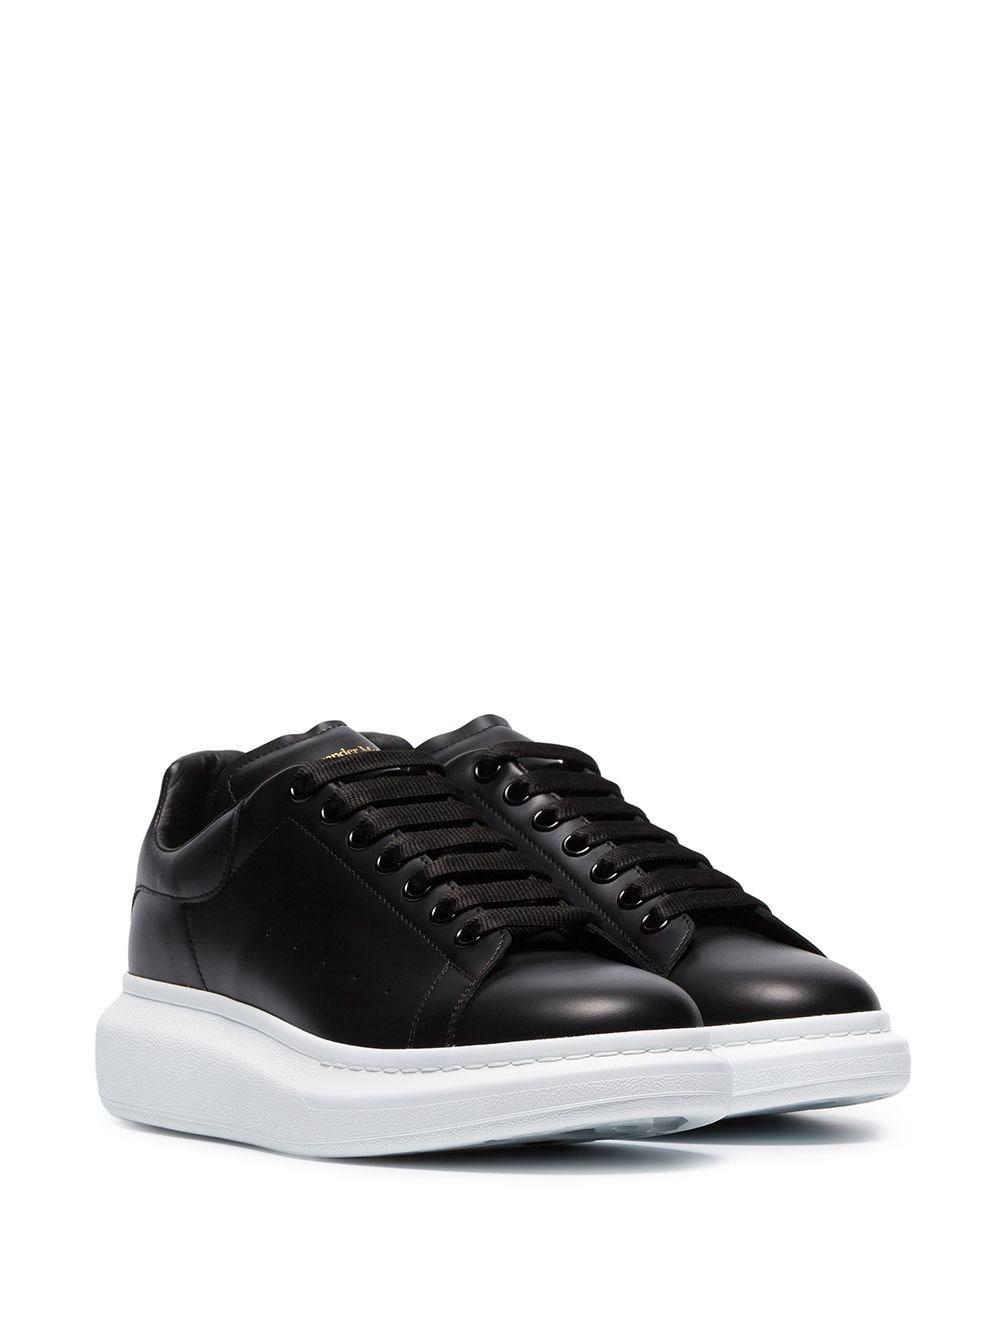 Alexander McQueen Leer Zwarte Sneakers Met Stevige Zool Van Rubber in het Zwart voor heren